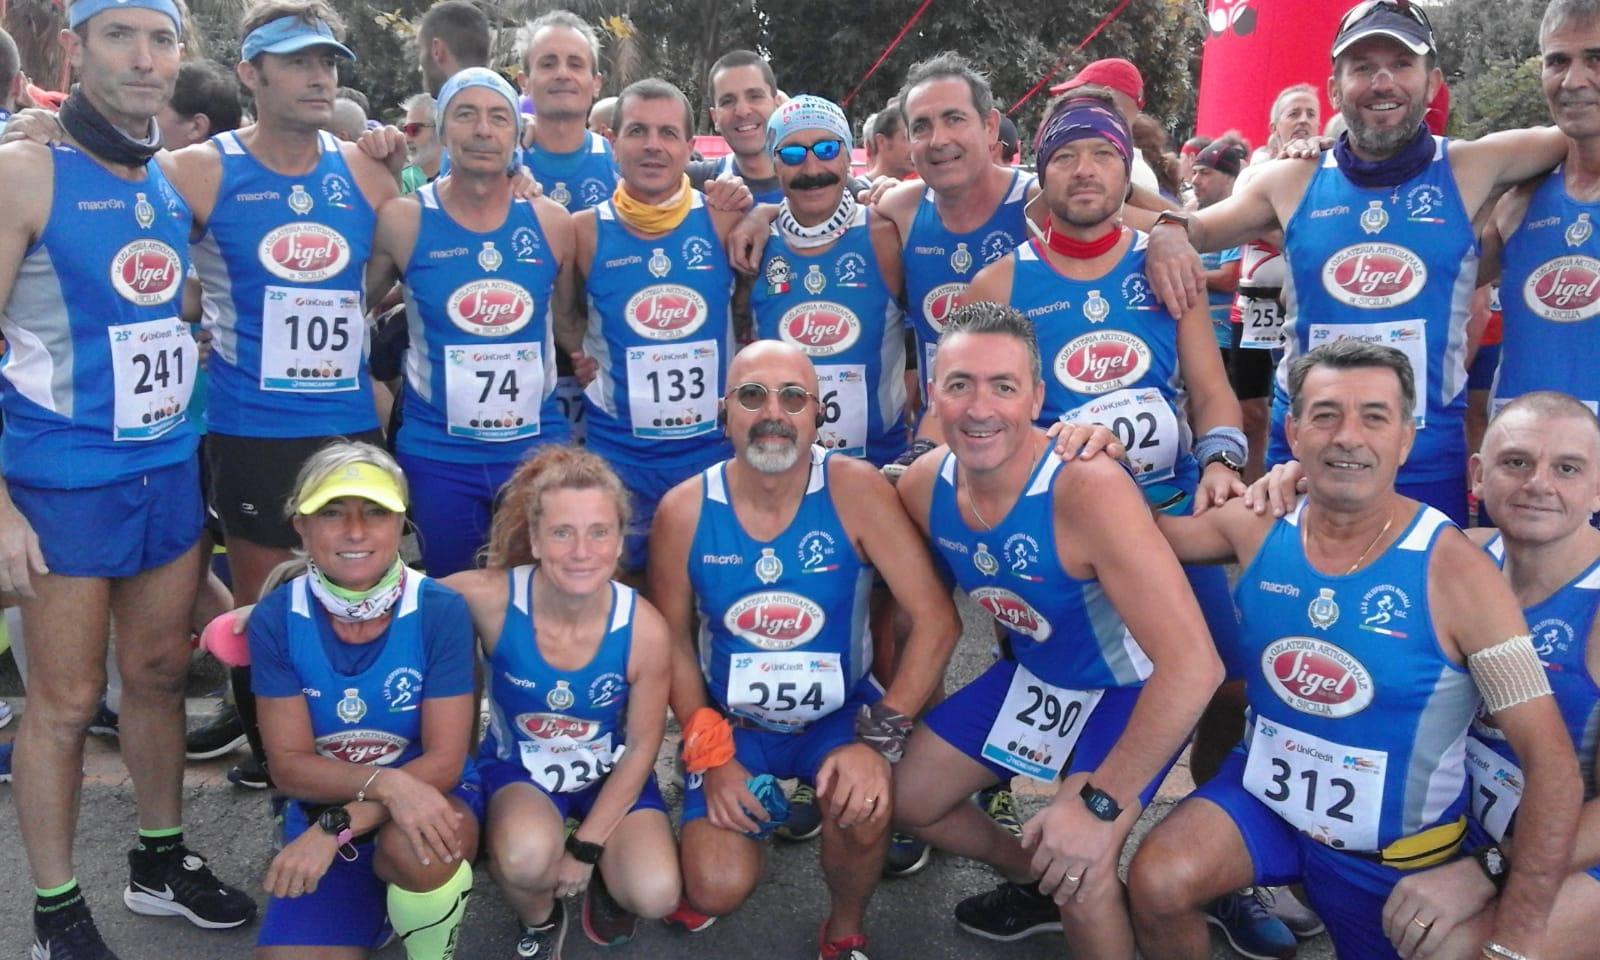 La Marsala Doc tra i protagonisti della Maratona di Palermo - Itaca Notizie